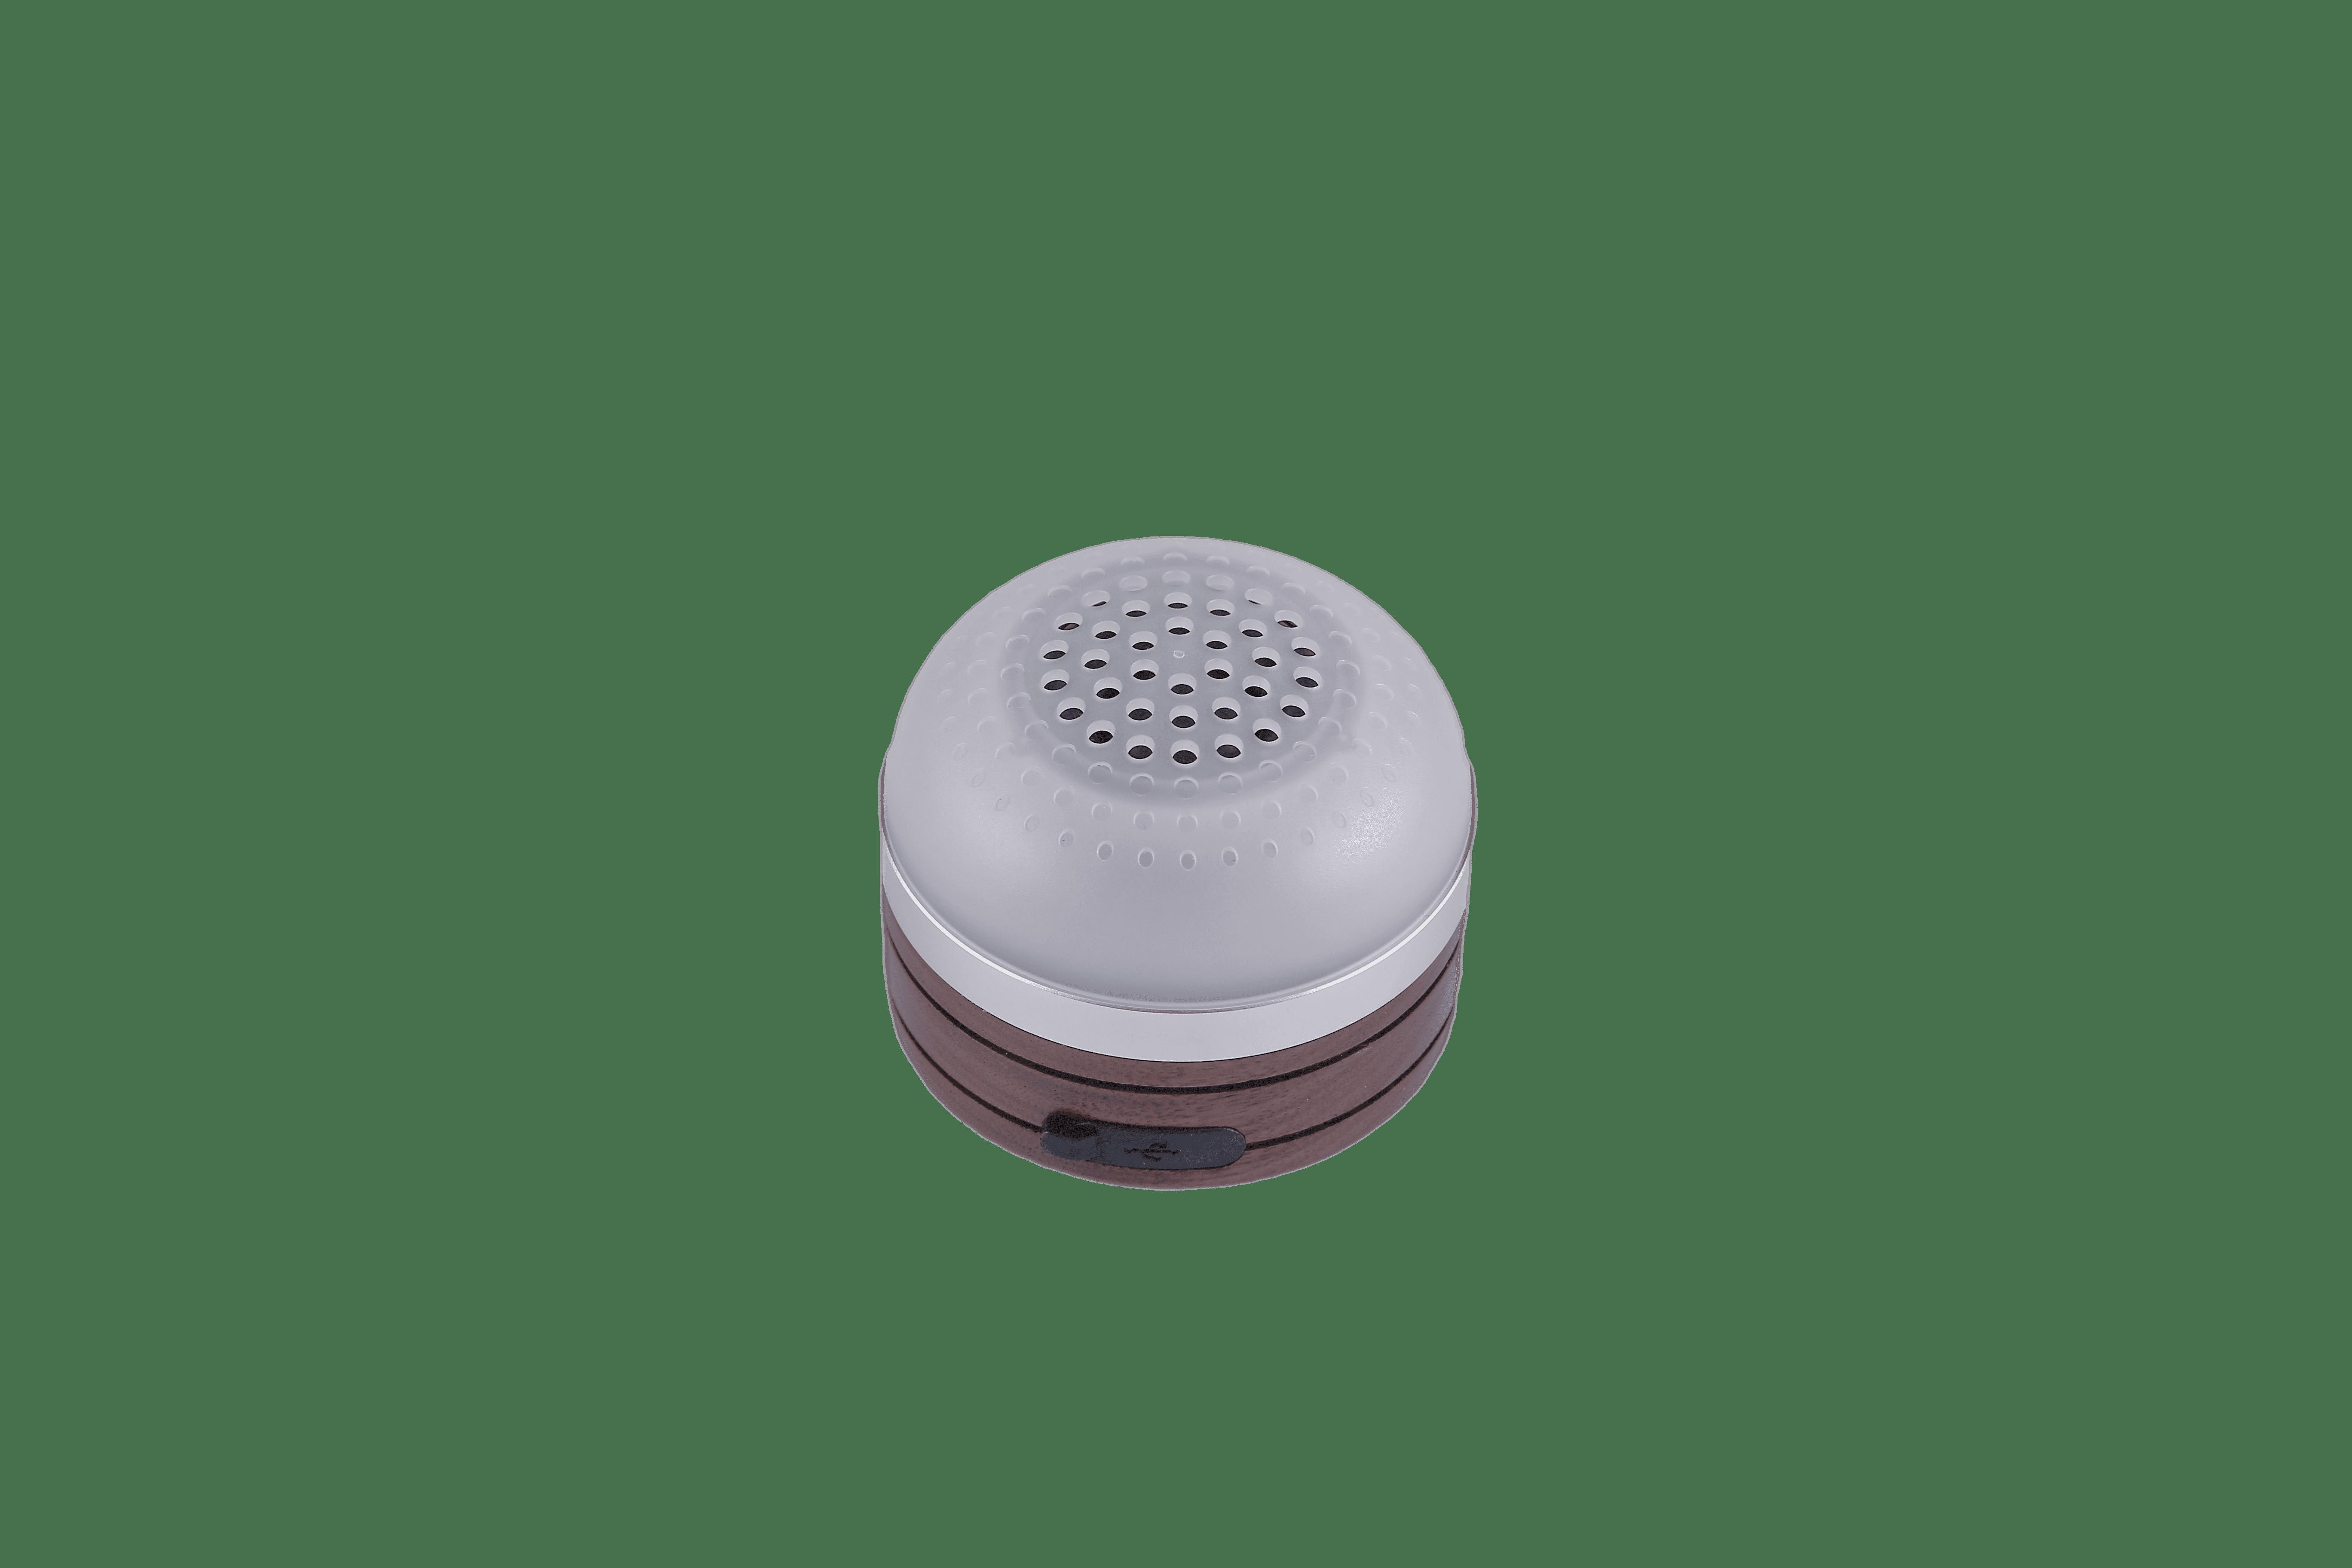 Roussy speakerlamp